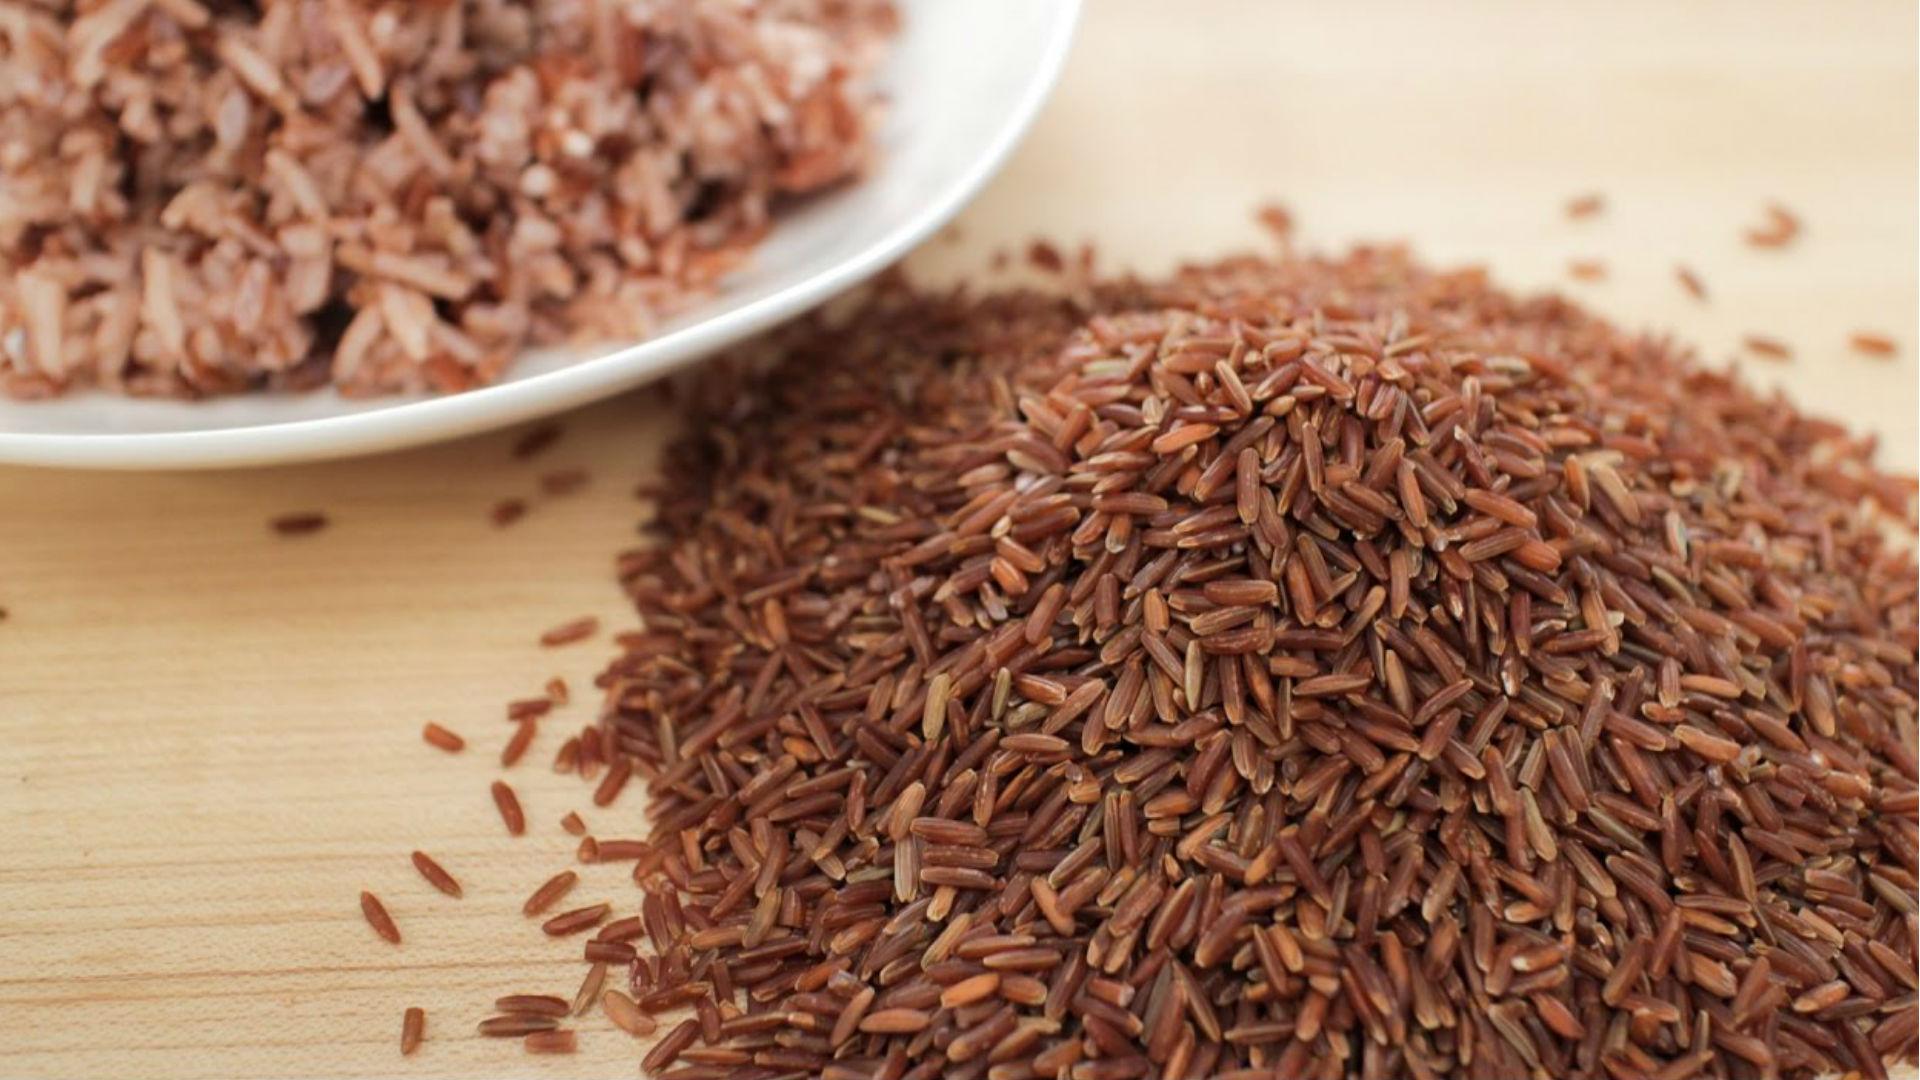 Brown Rice Benefits: पोषक तत्वों का खजाना हैं ब्राउन राइस, इसके इन फायदों से अनजान होंगे आप